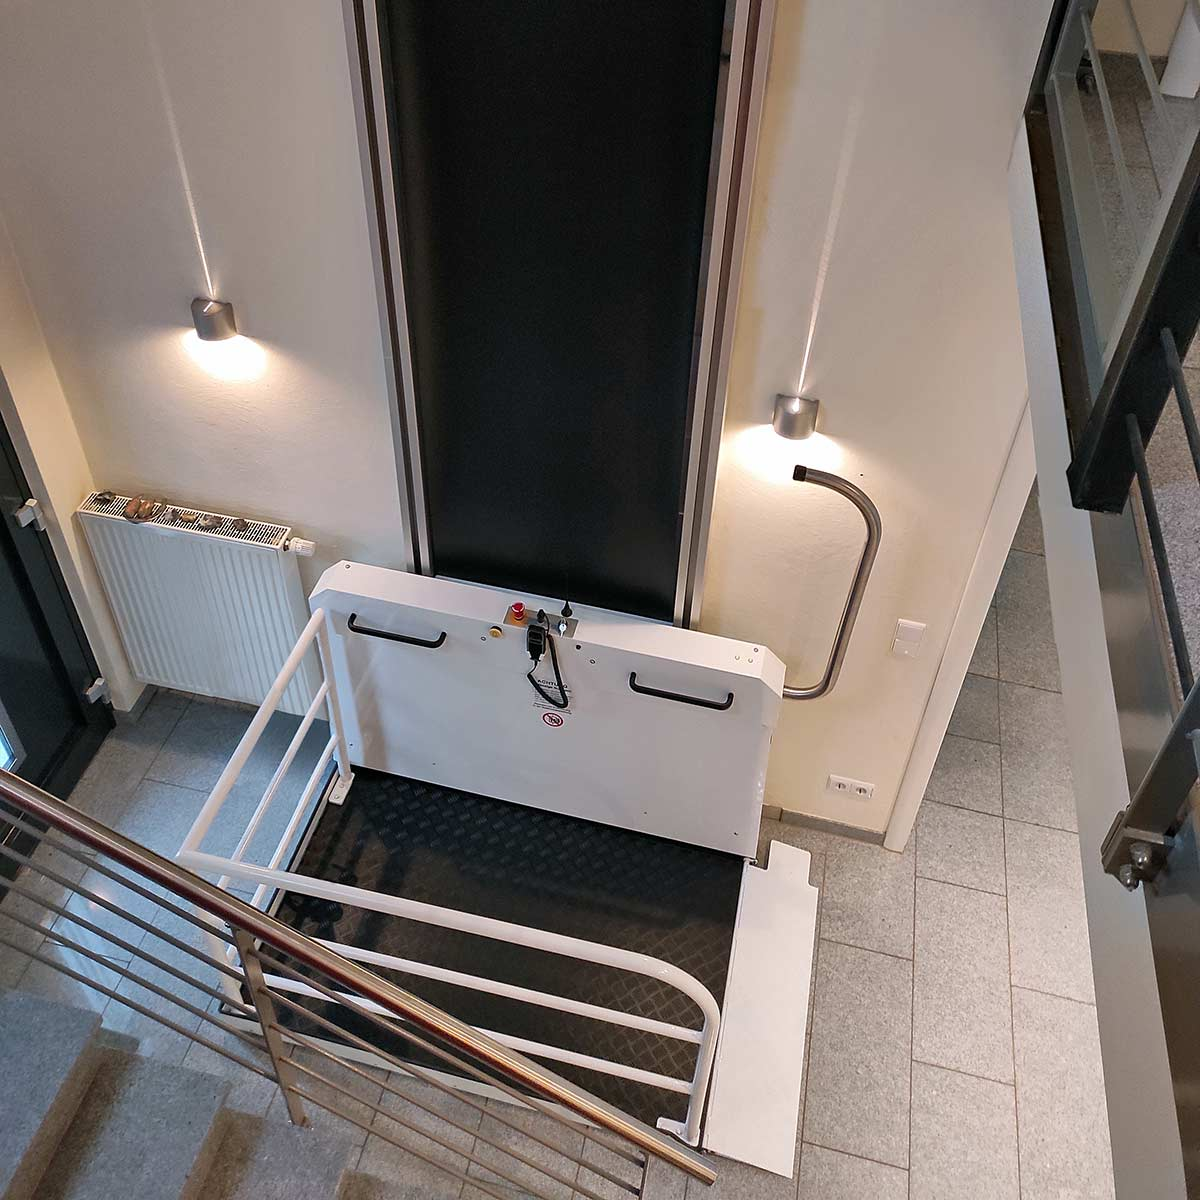 Vertikal-Plattformlift 05